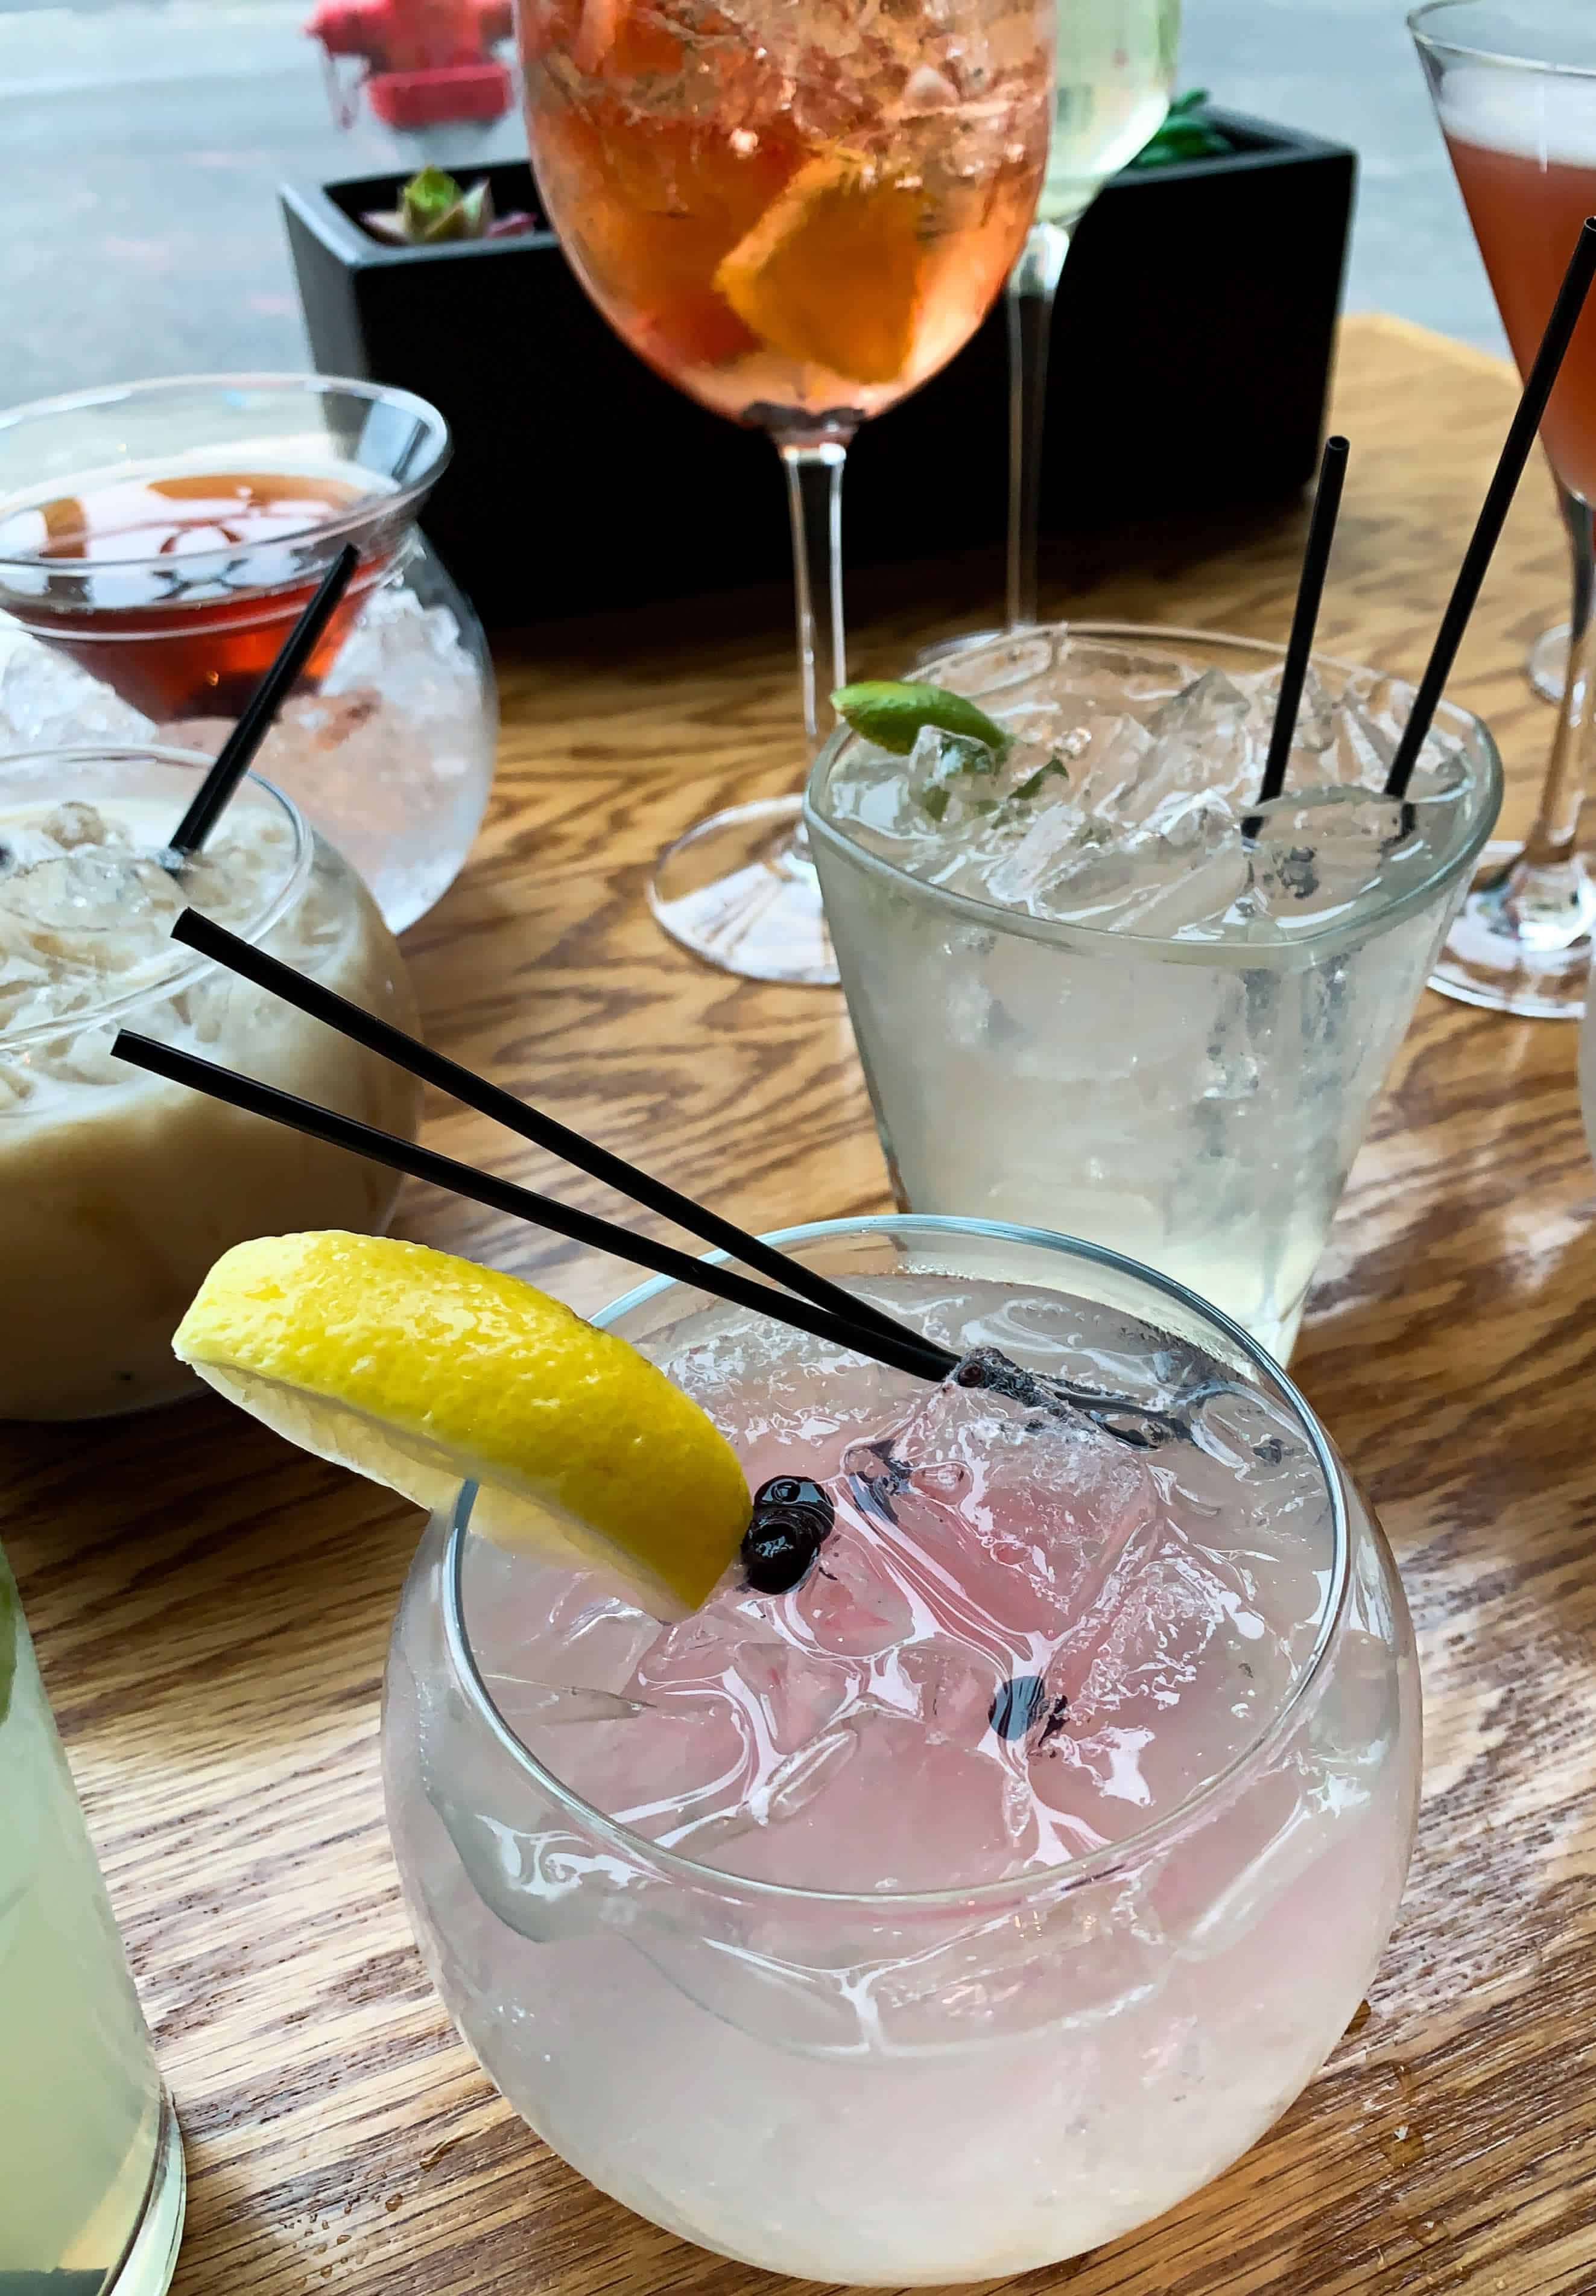 romantic dinner date ideas in Spokane